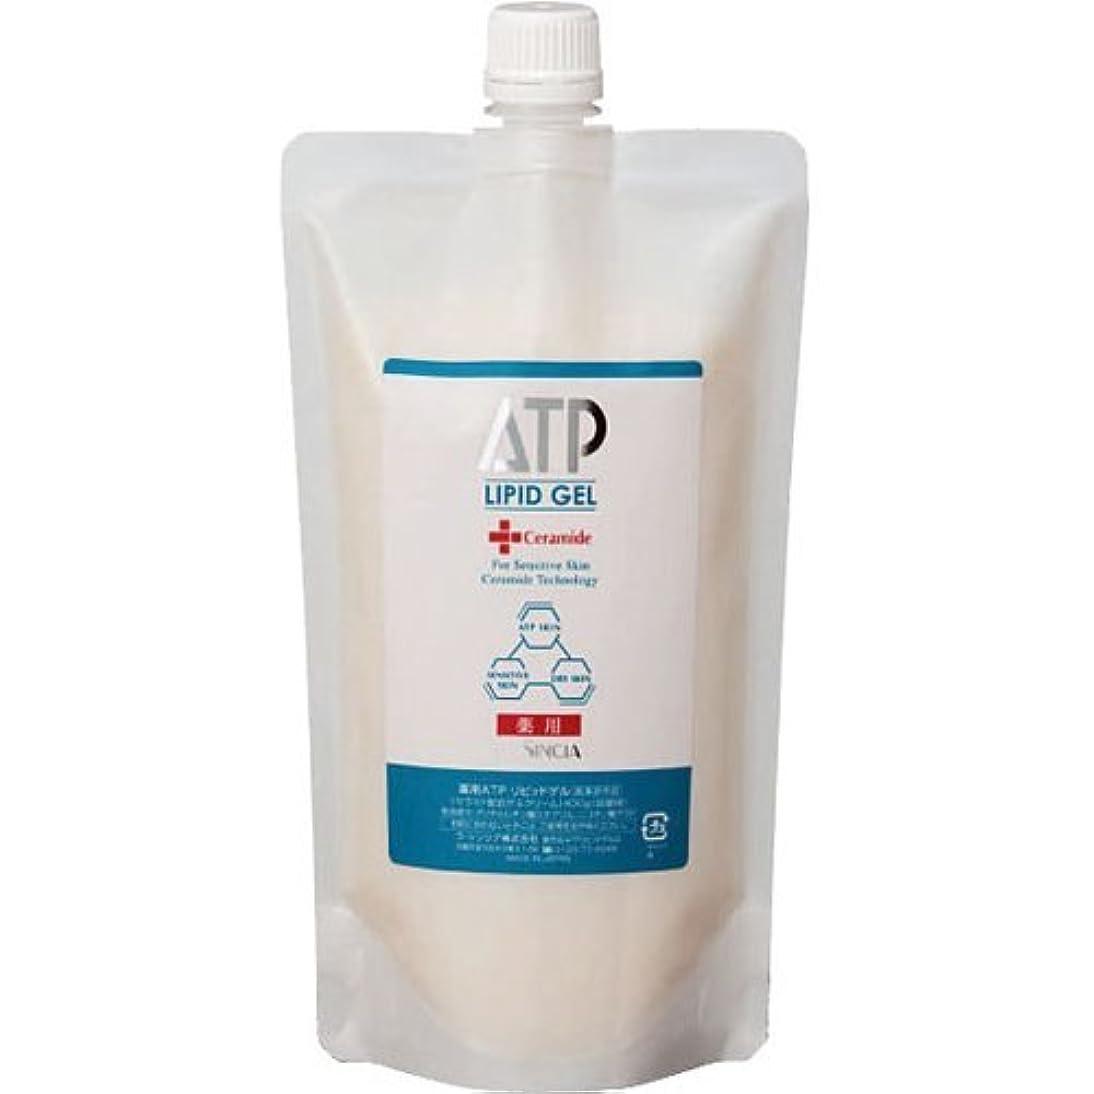 抑圧者顕微鏡収益ラシンシア 薬用ATPリピッドゲル 400g(詰替用) 【セラミド配合ゲルクリーム】